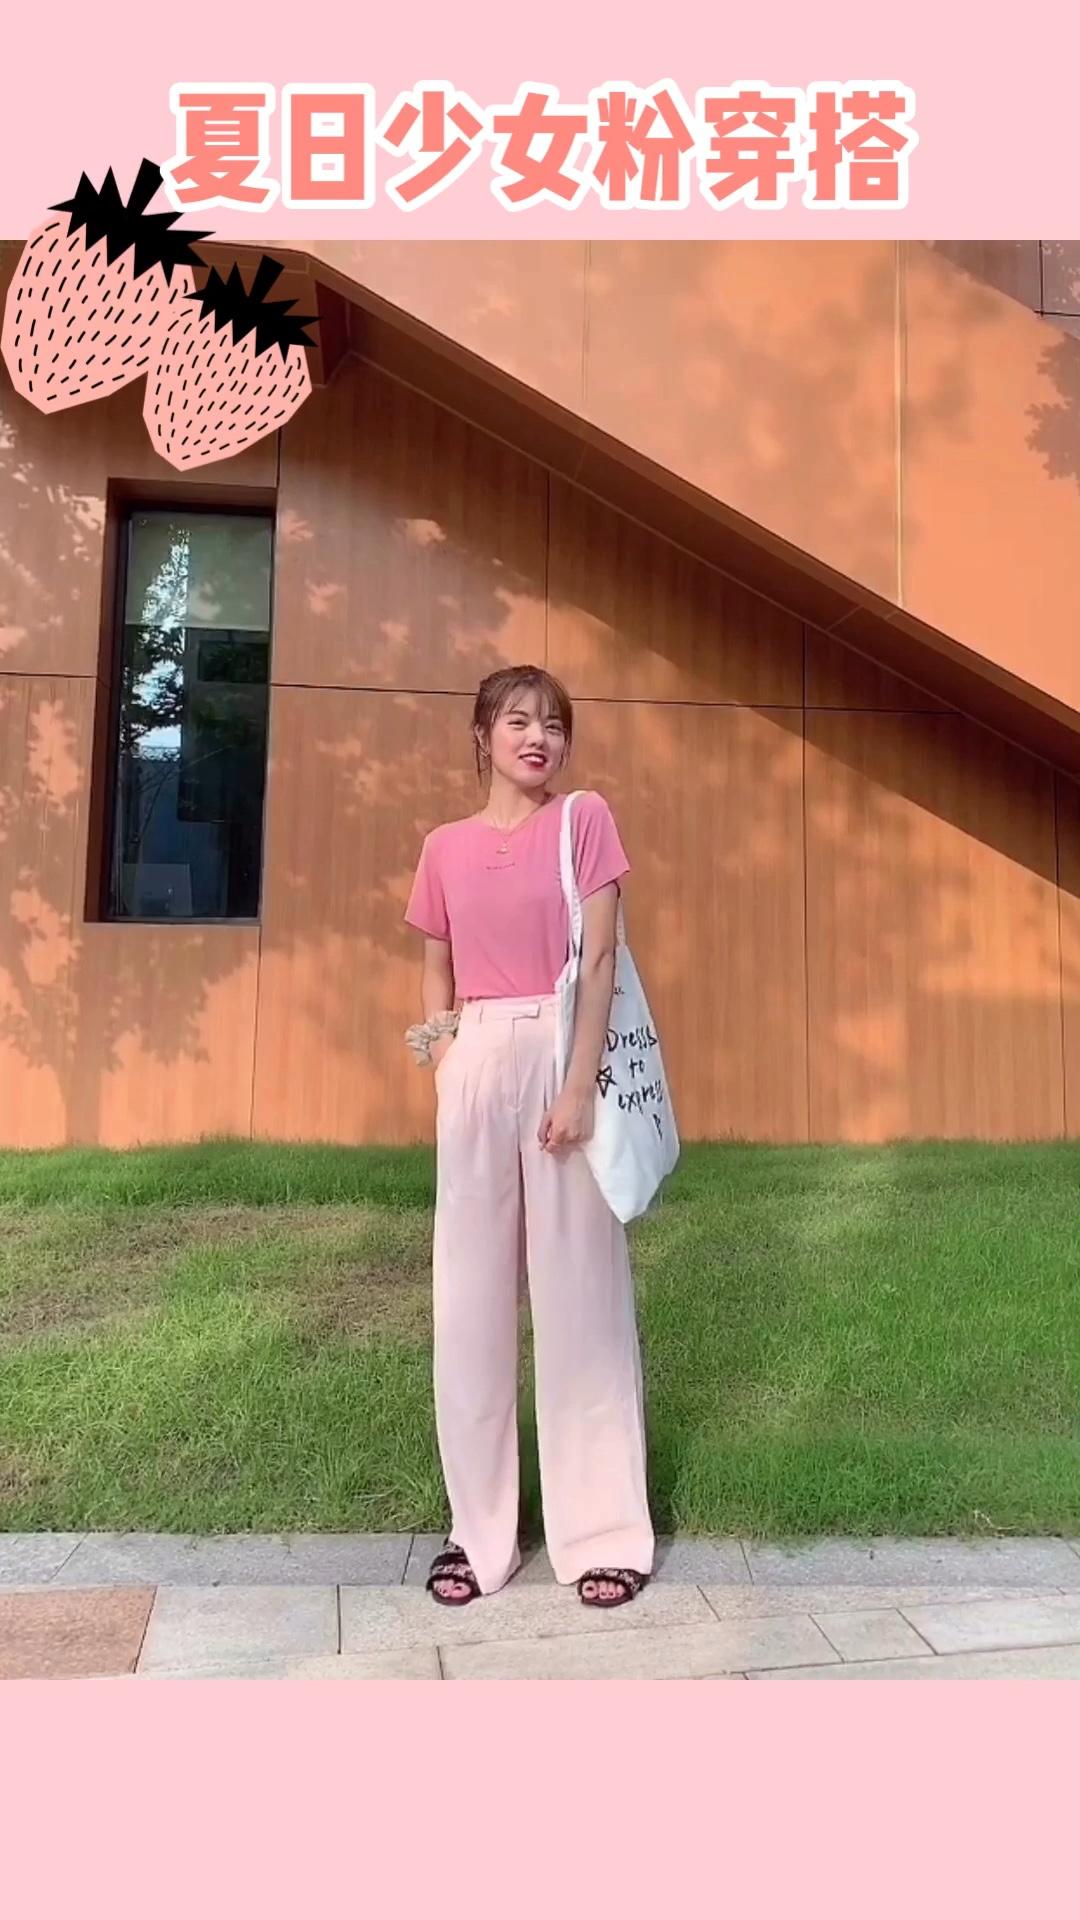 #果味少女夏日套装# 超级甜的粉色系搭配,梅子色T真的不要太好穿,搭配浅粉色的高腰阔腿裤,简直太给力了,特别显身材又显高的一套鸭~